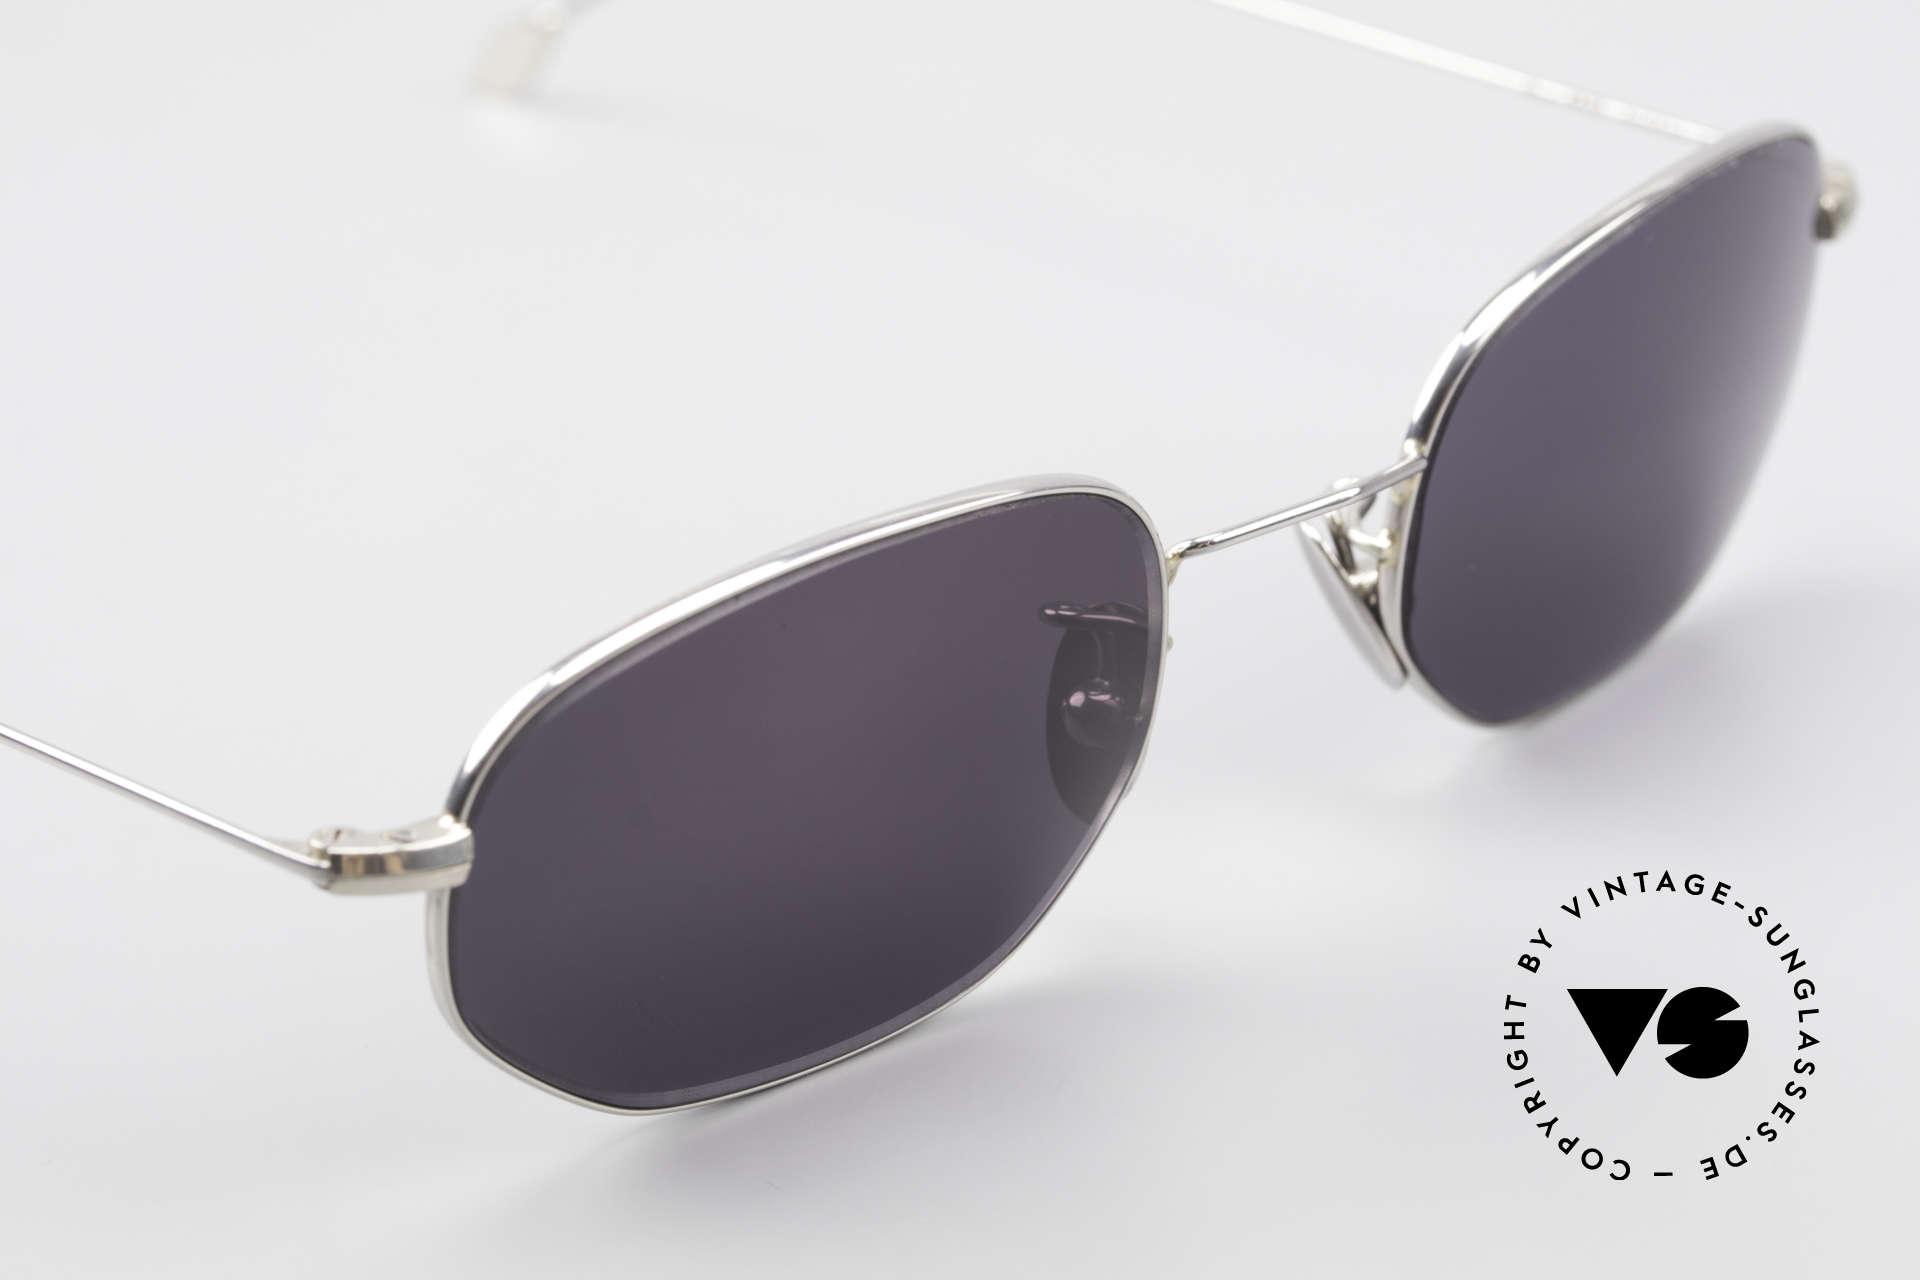 Cutler And Gross 0370 Klassische Sonnenbrille Unisex, ungetragen; Modell ist auch beliebig optisch verglasbar, Passend für Herren und Damen